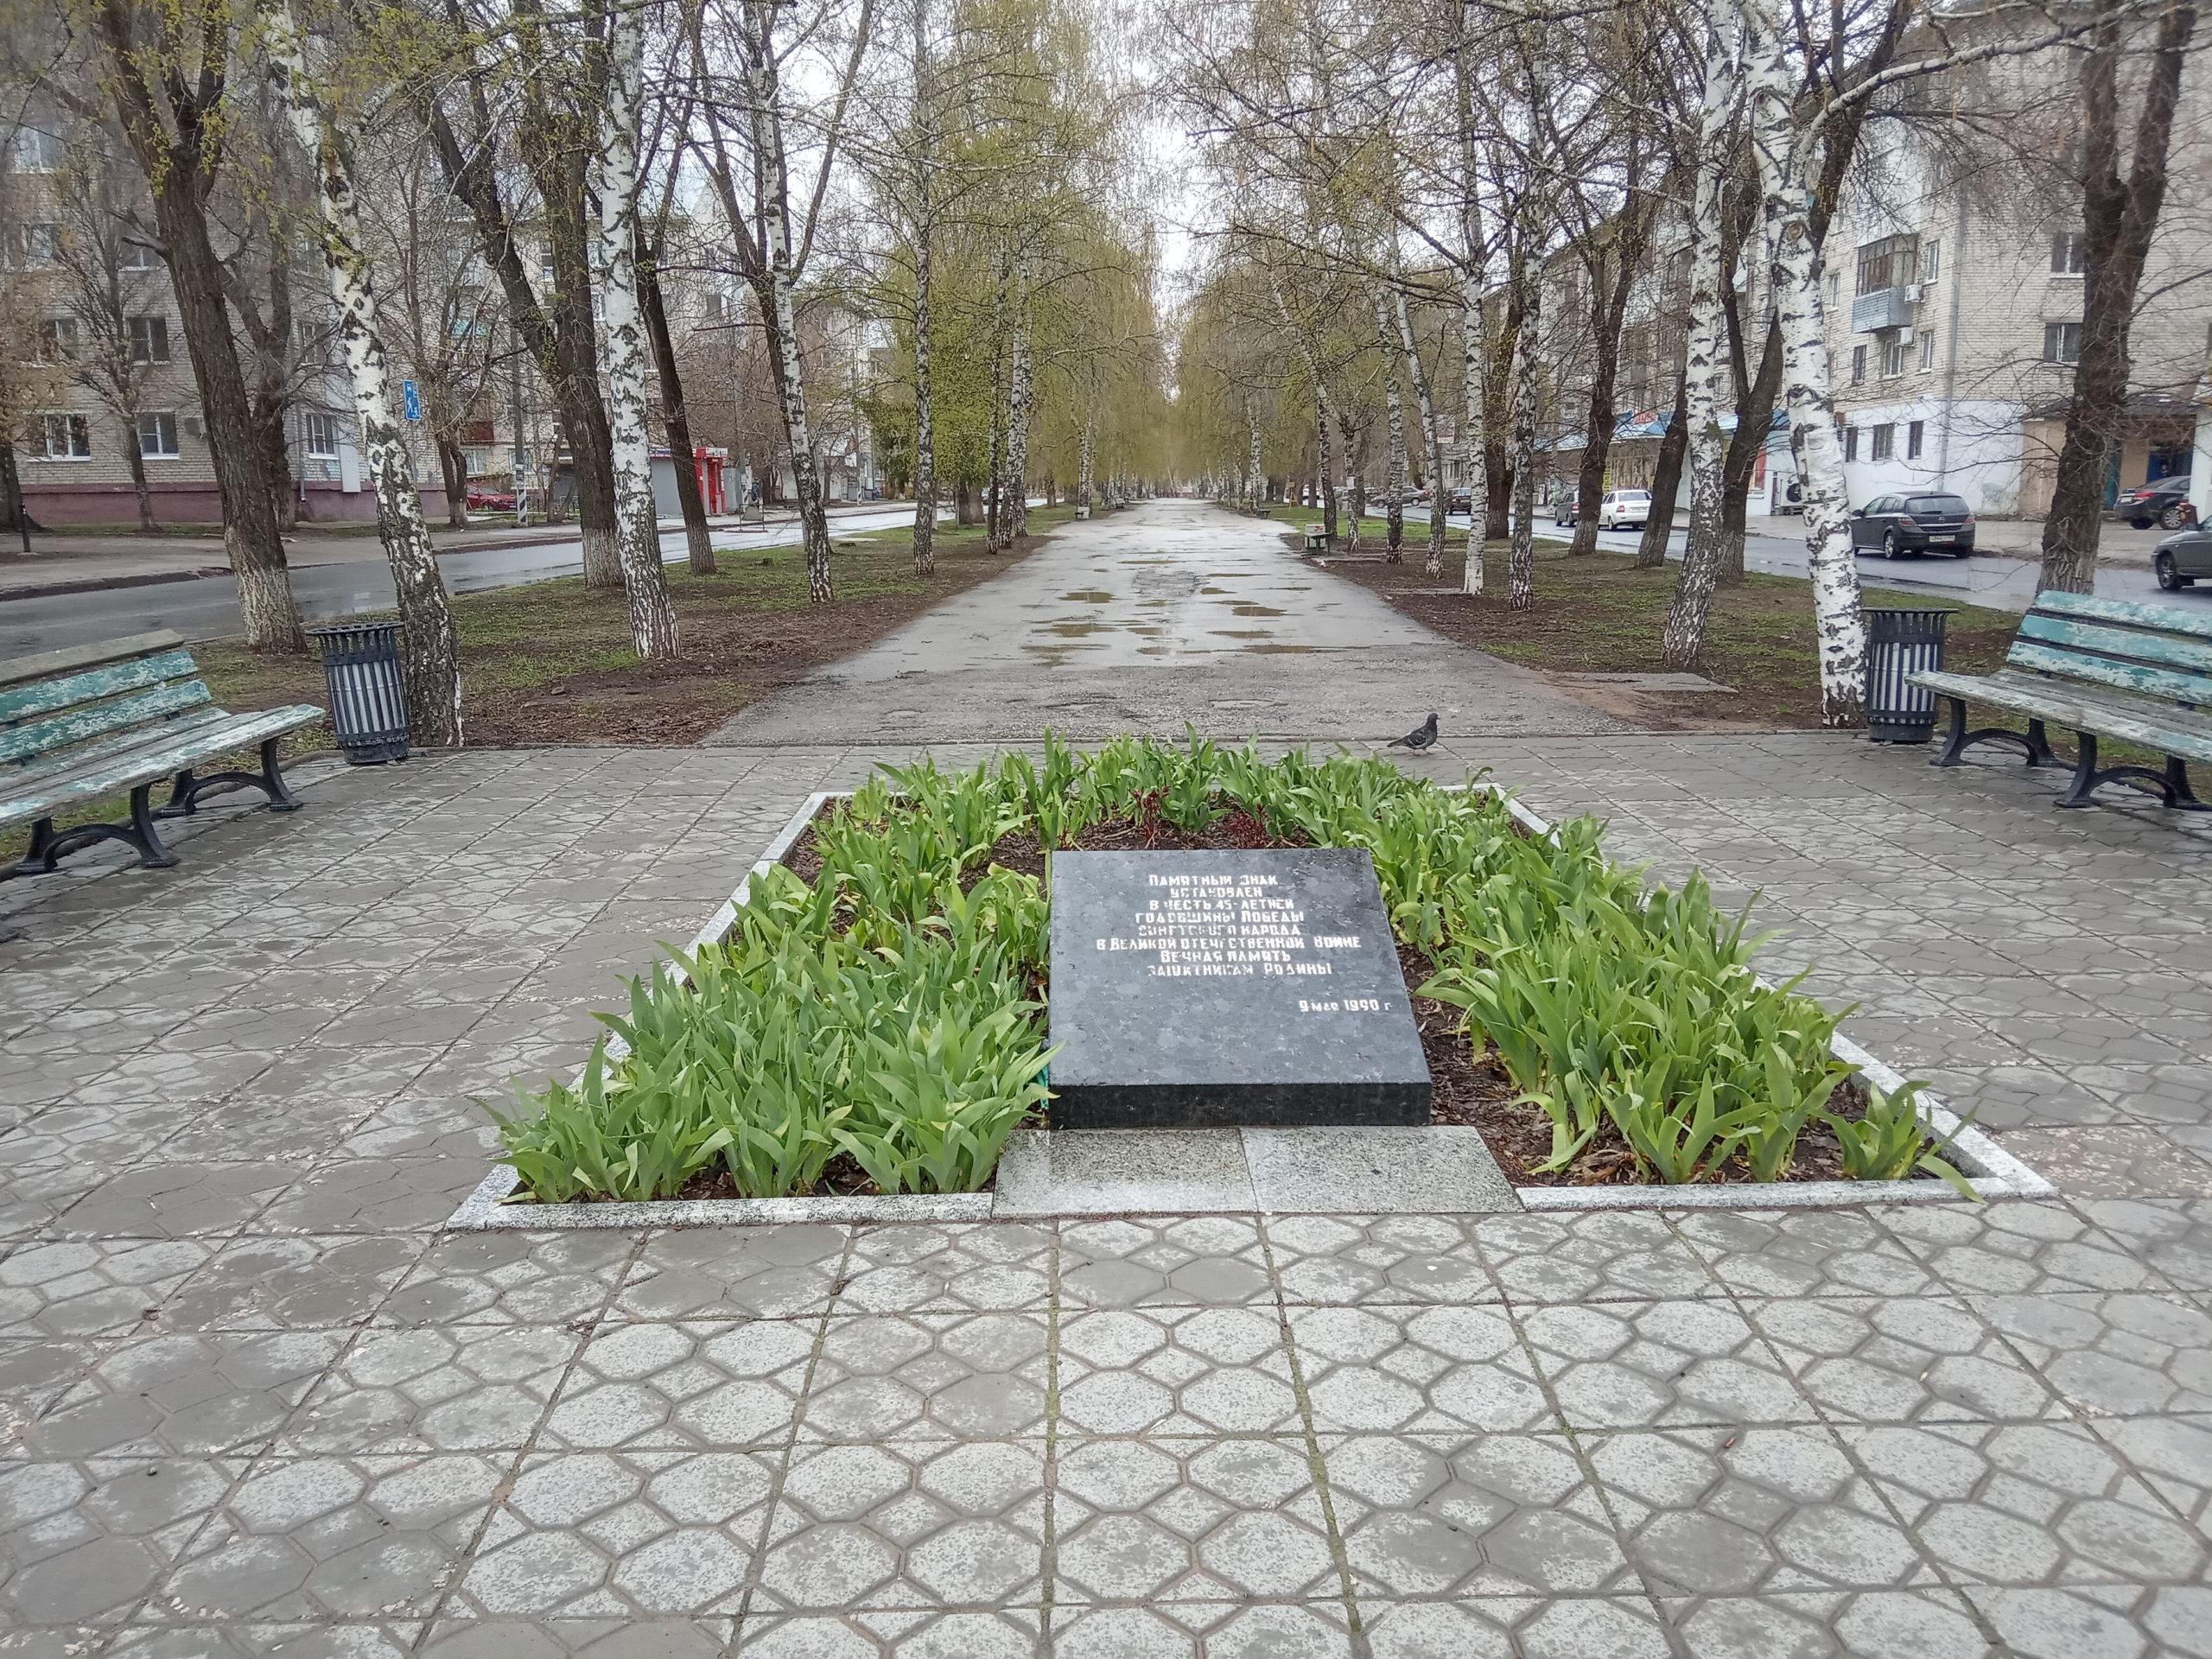 Памятный знак на пересечении ул. Победы и Молодежного бульвара, фото В.В.Радькова, апрель 2020 г.